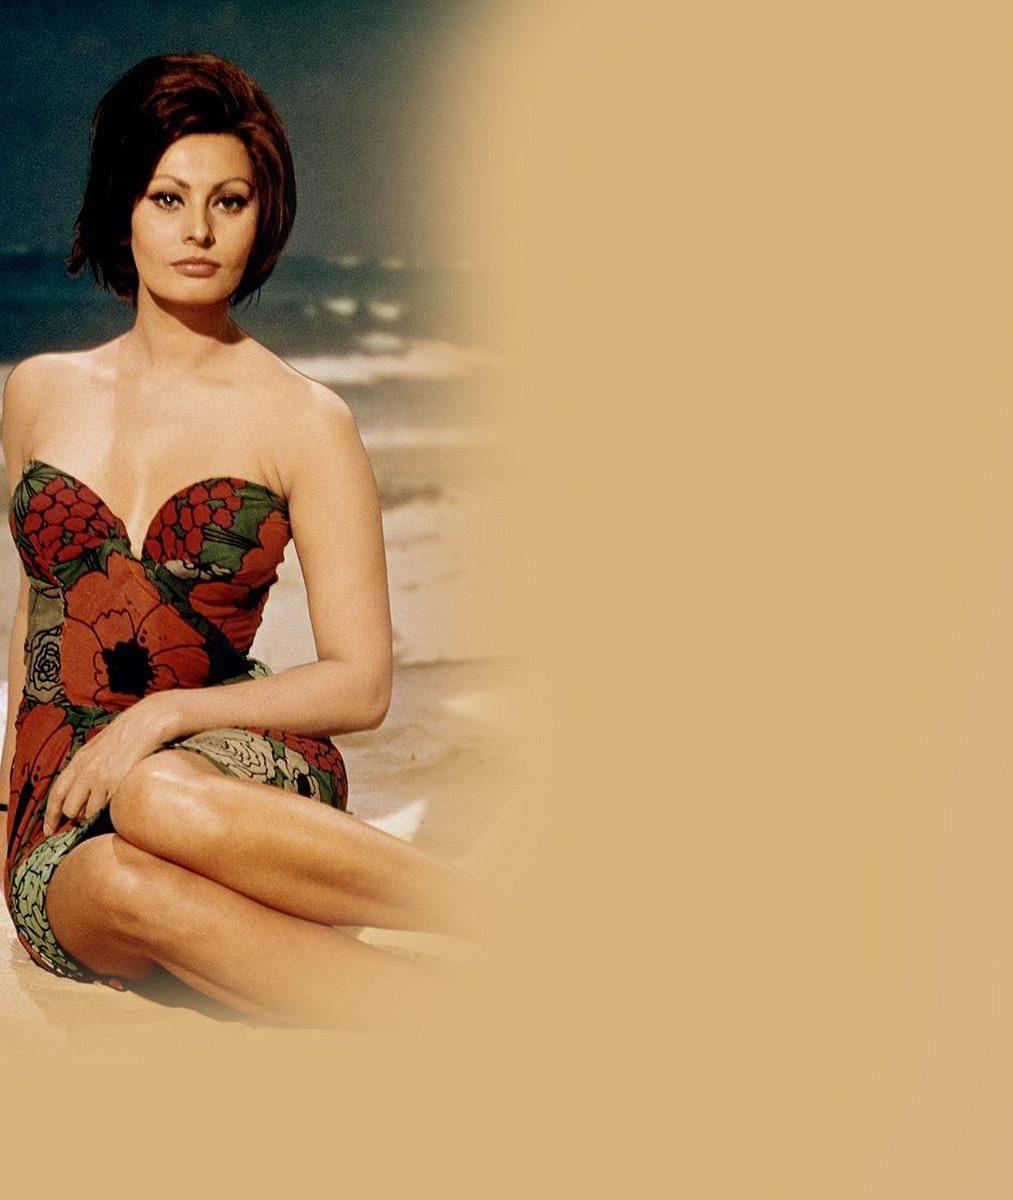 Z filmového sexsymbolu je osmdesátnice: 6 nejhanbatějších fotek, jimiž se božská Sophia Loren vepsala do dějin